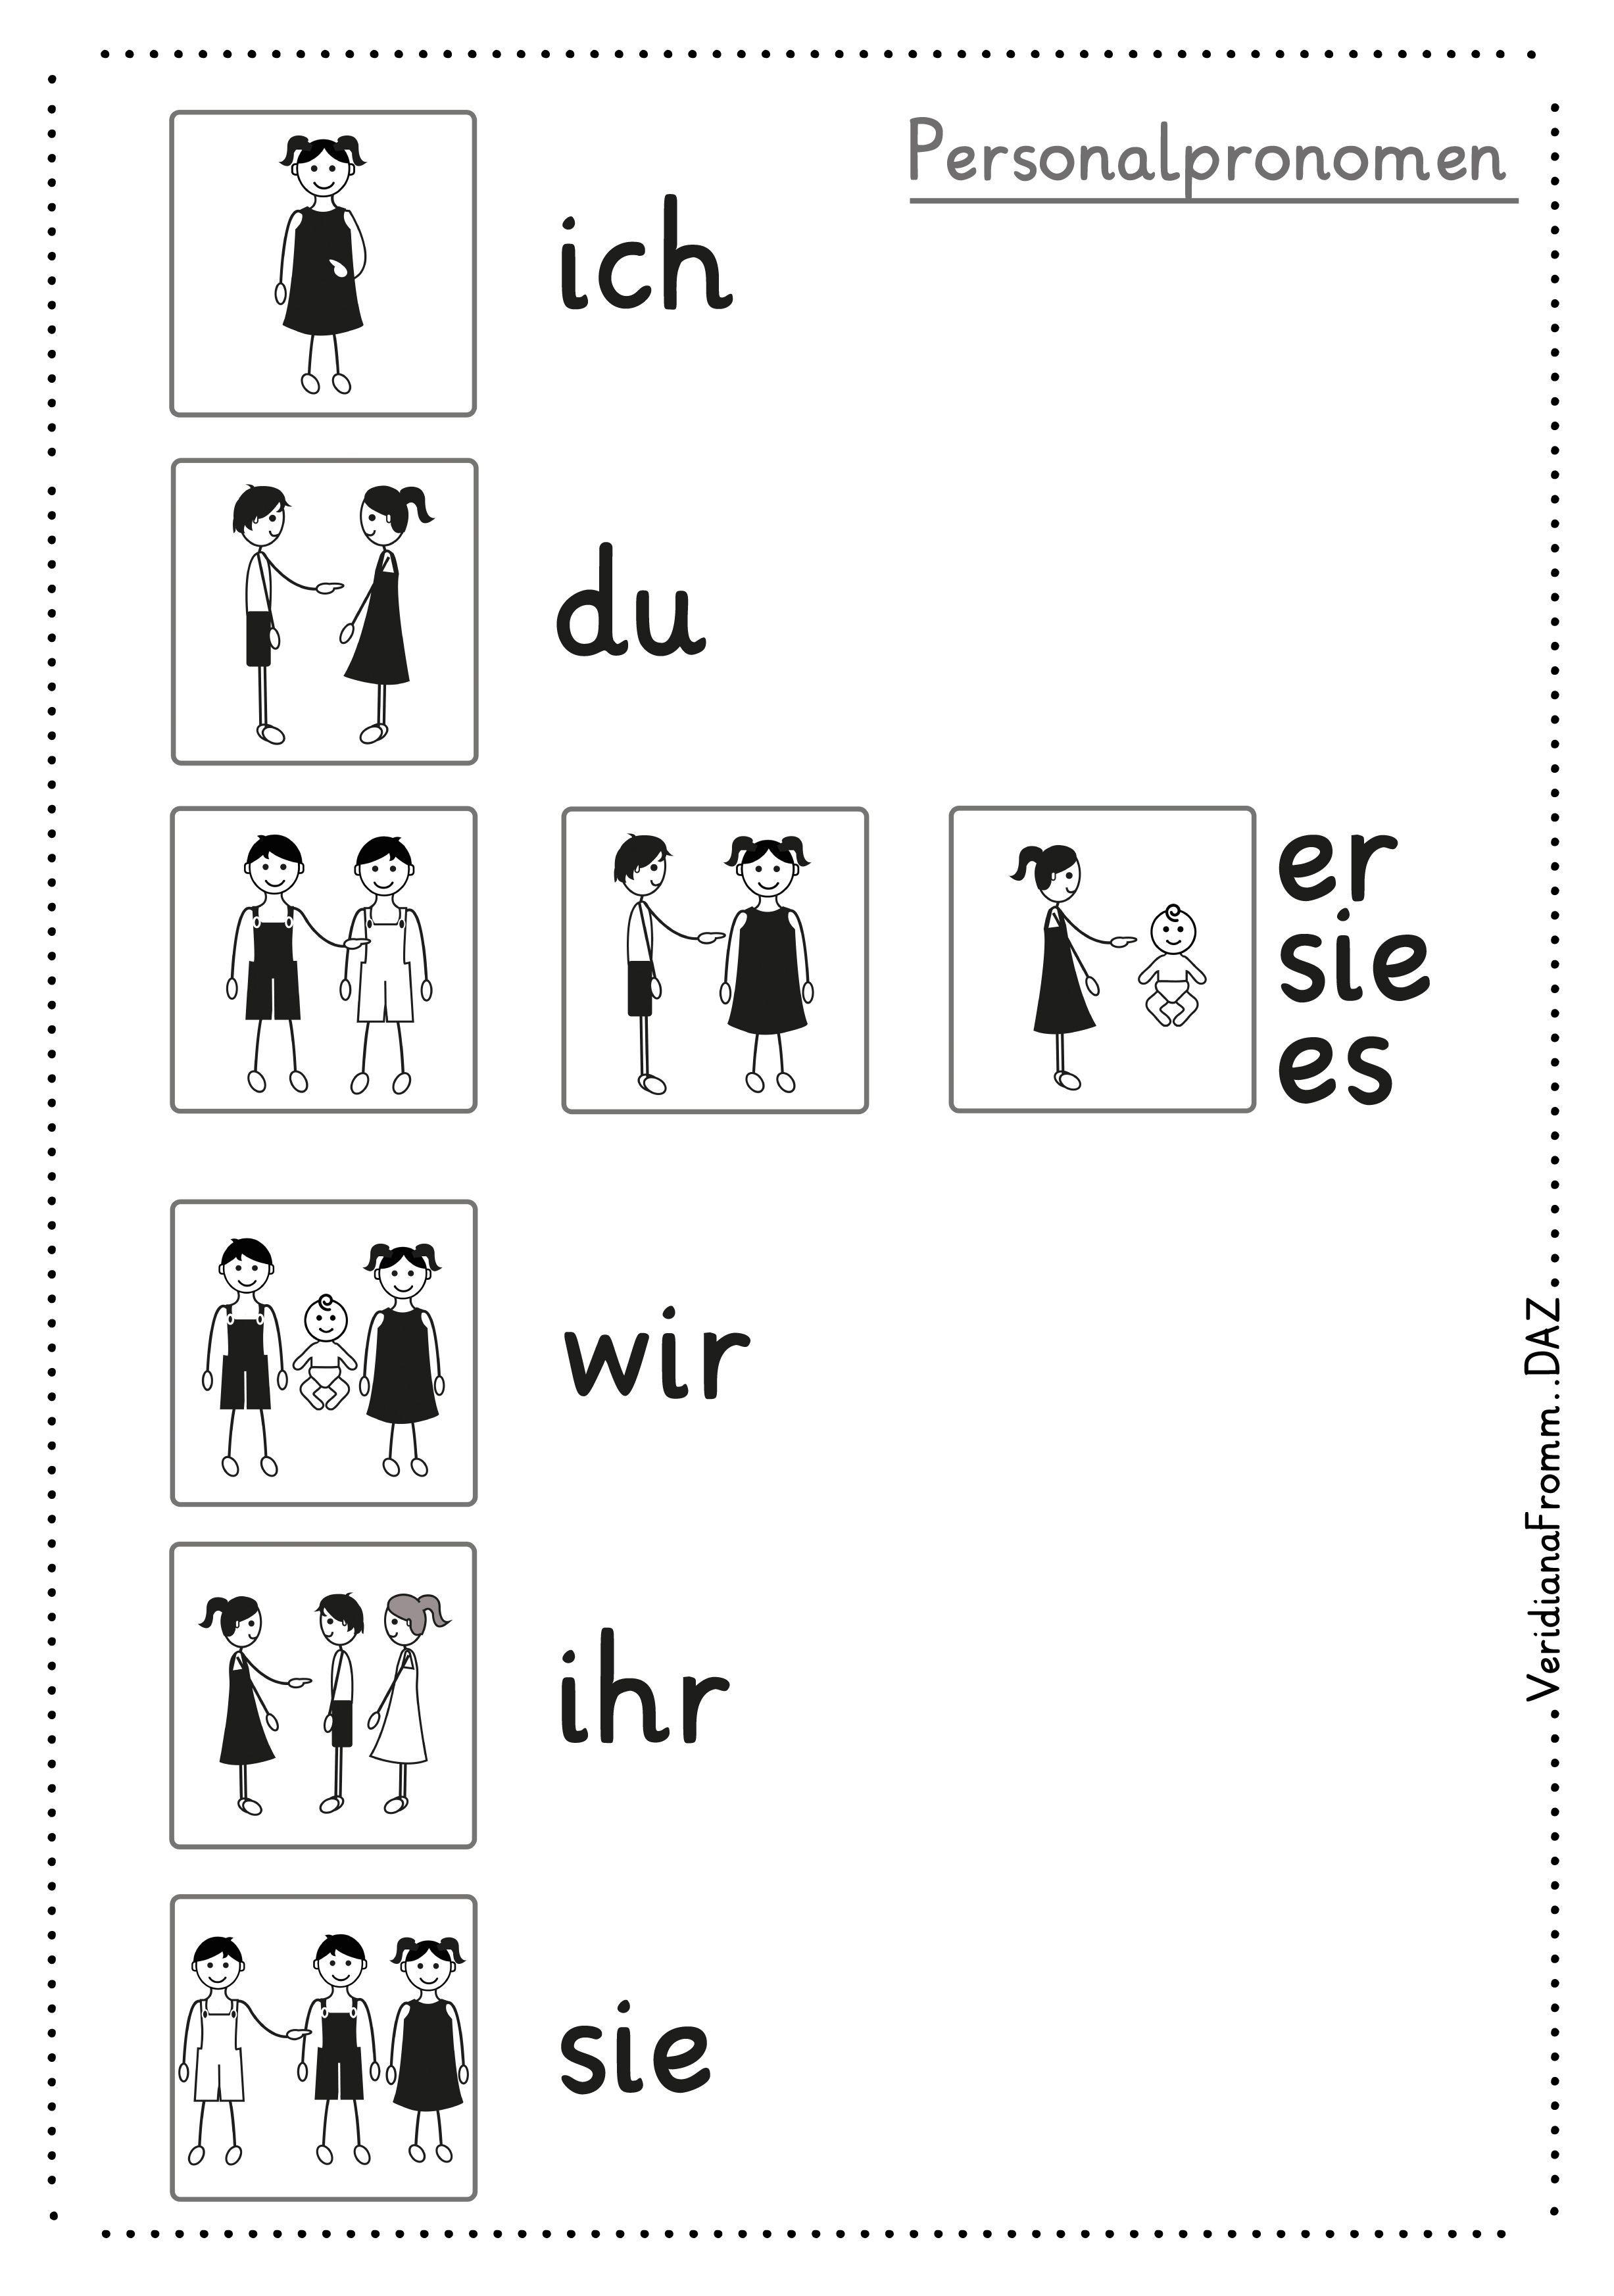 20 deutsch lernen mit bildern arbeitsbl tter allgemeines personalpronomen deutsch lernen. Black Bedroom Furniture Sets. Home Design Ideas